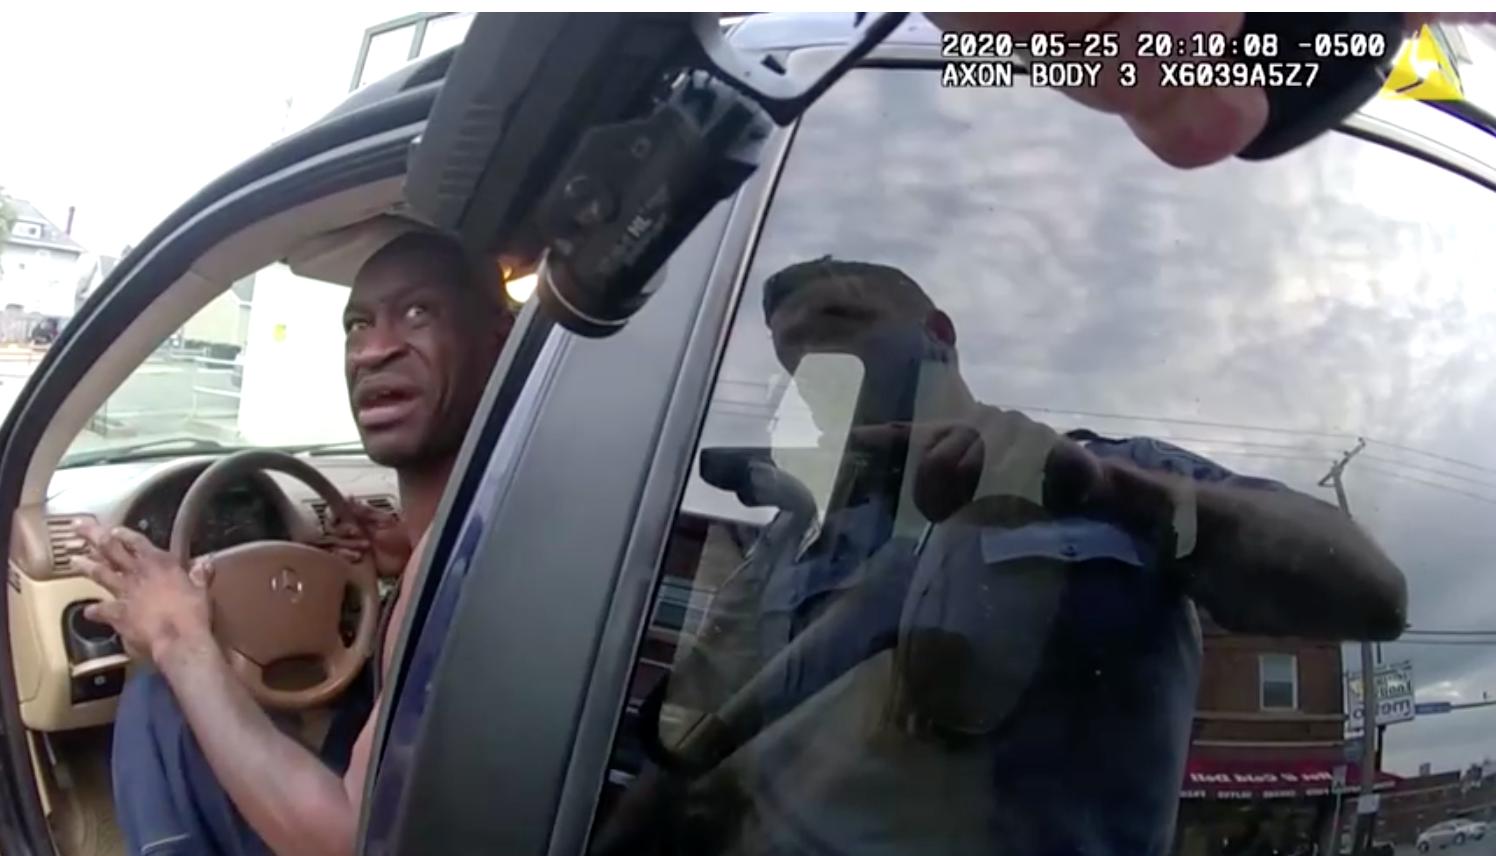 Video mới từ máy quay gắn trên người cảnh sát tiết lộ cuộc đối thoại giữa ông George Floyd và cảnh sát thành phố Minneapolis